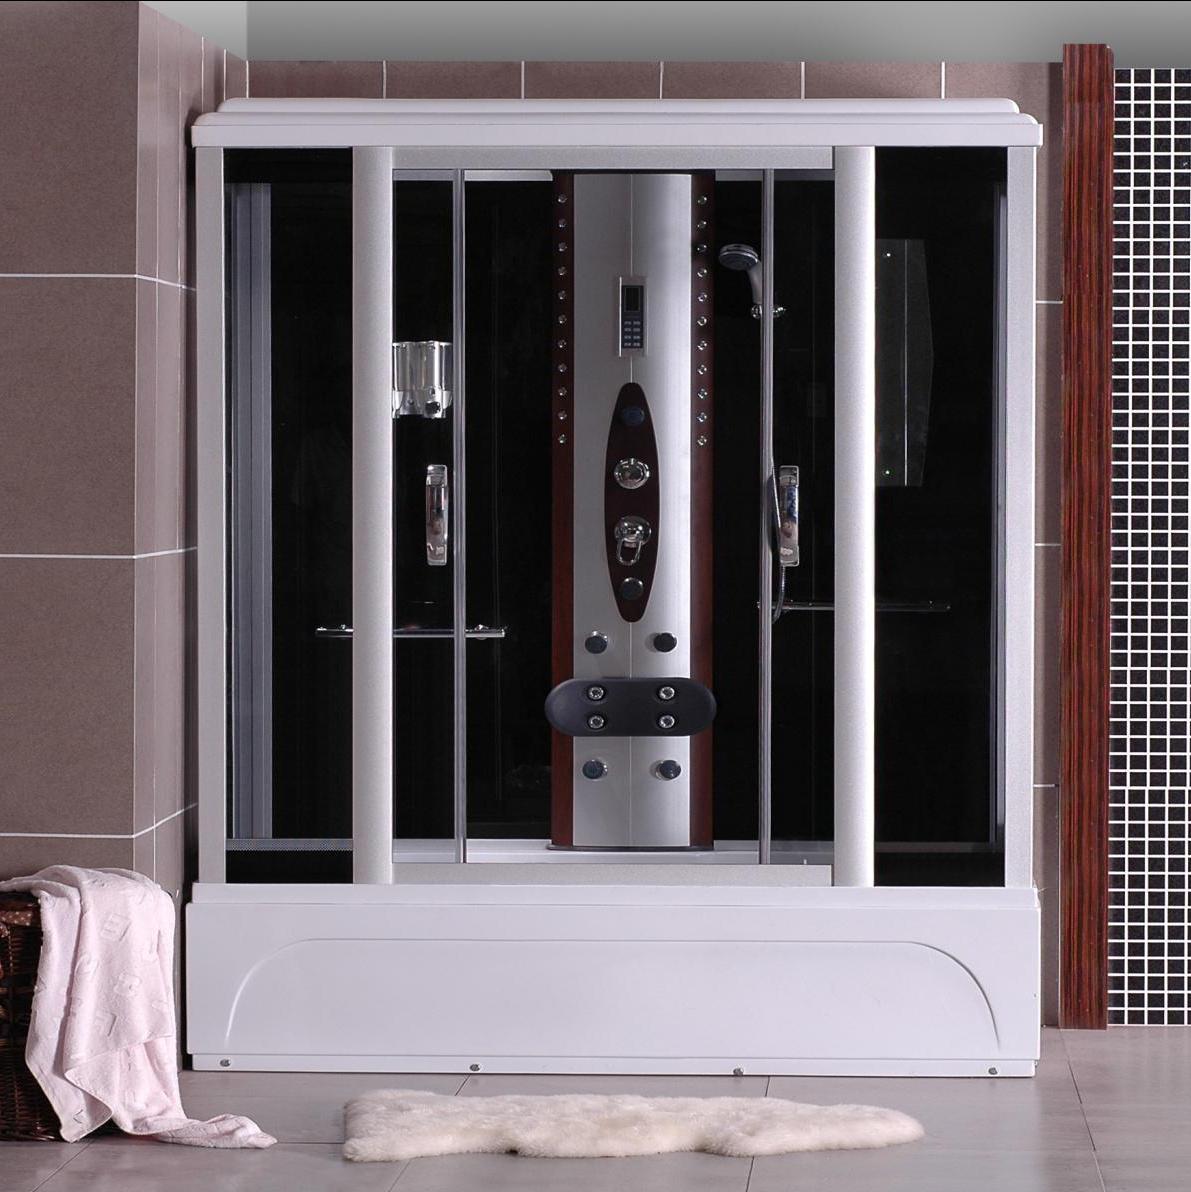 Cabina idromassaggio 150x85 con vasca 9 getti for Box doccia con idromassaggio